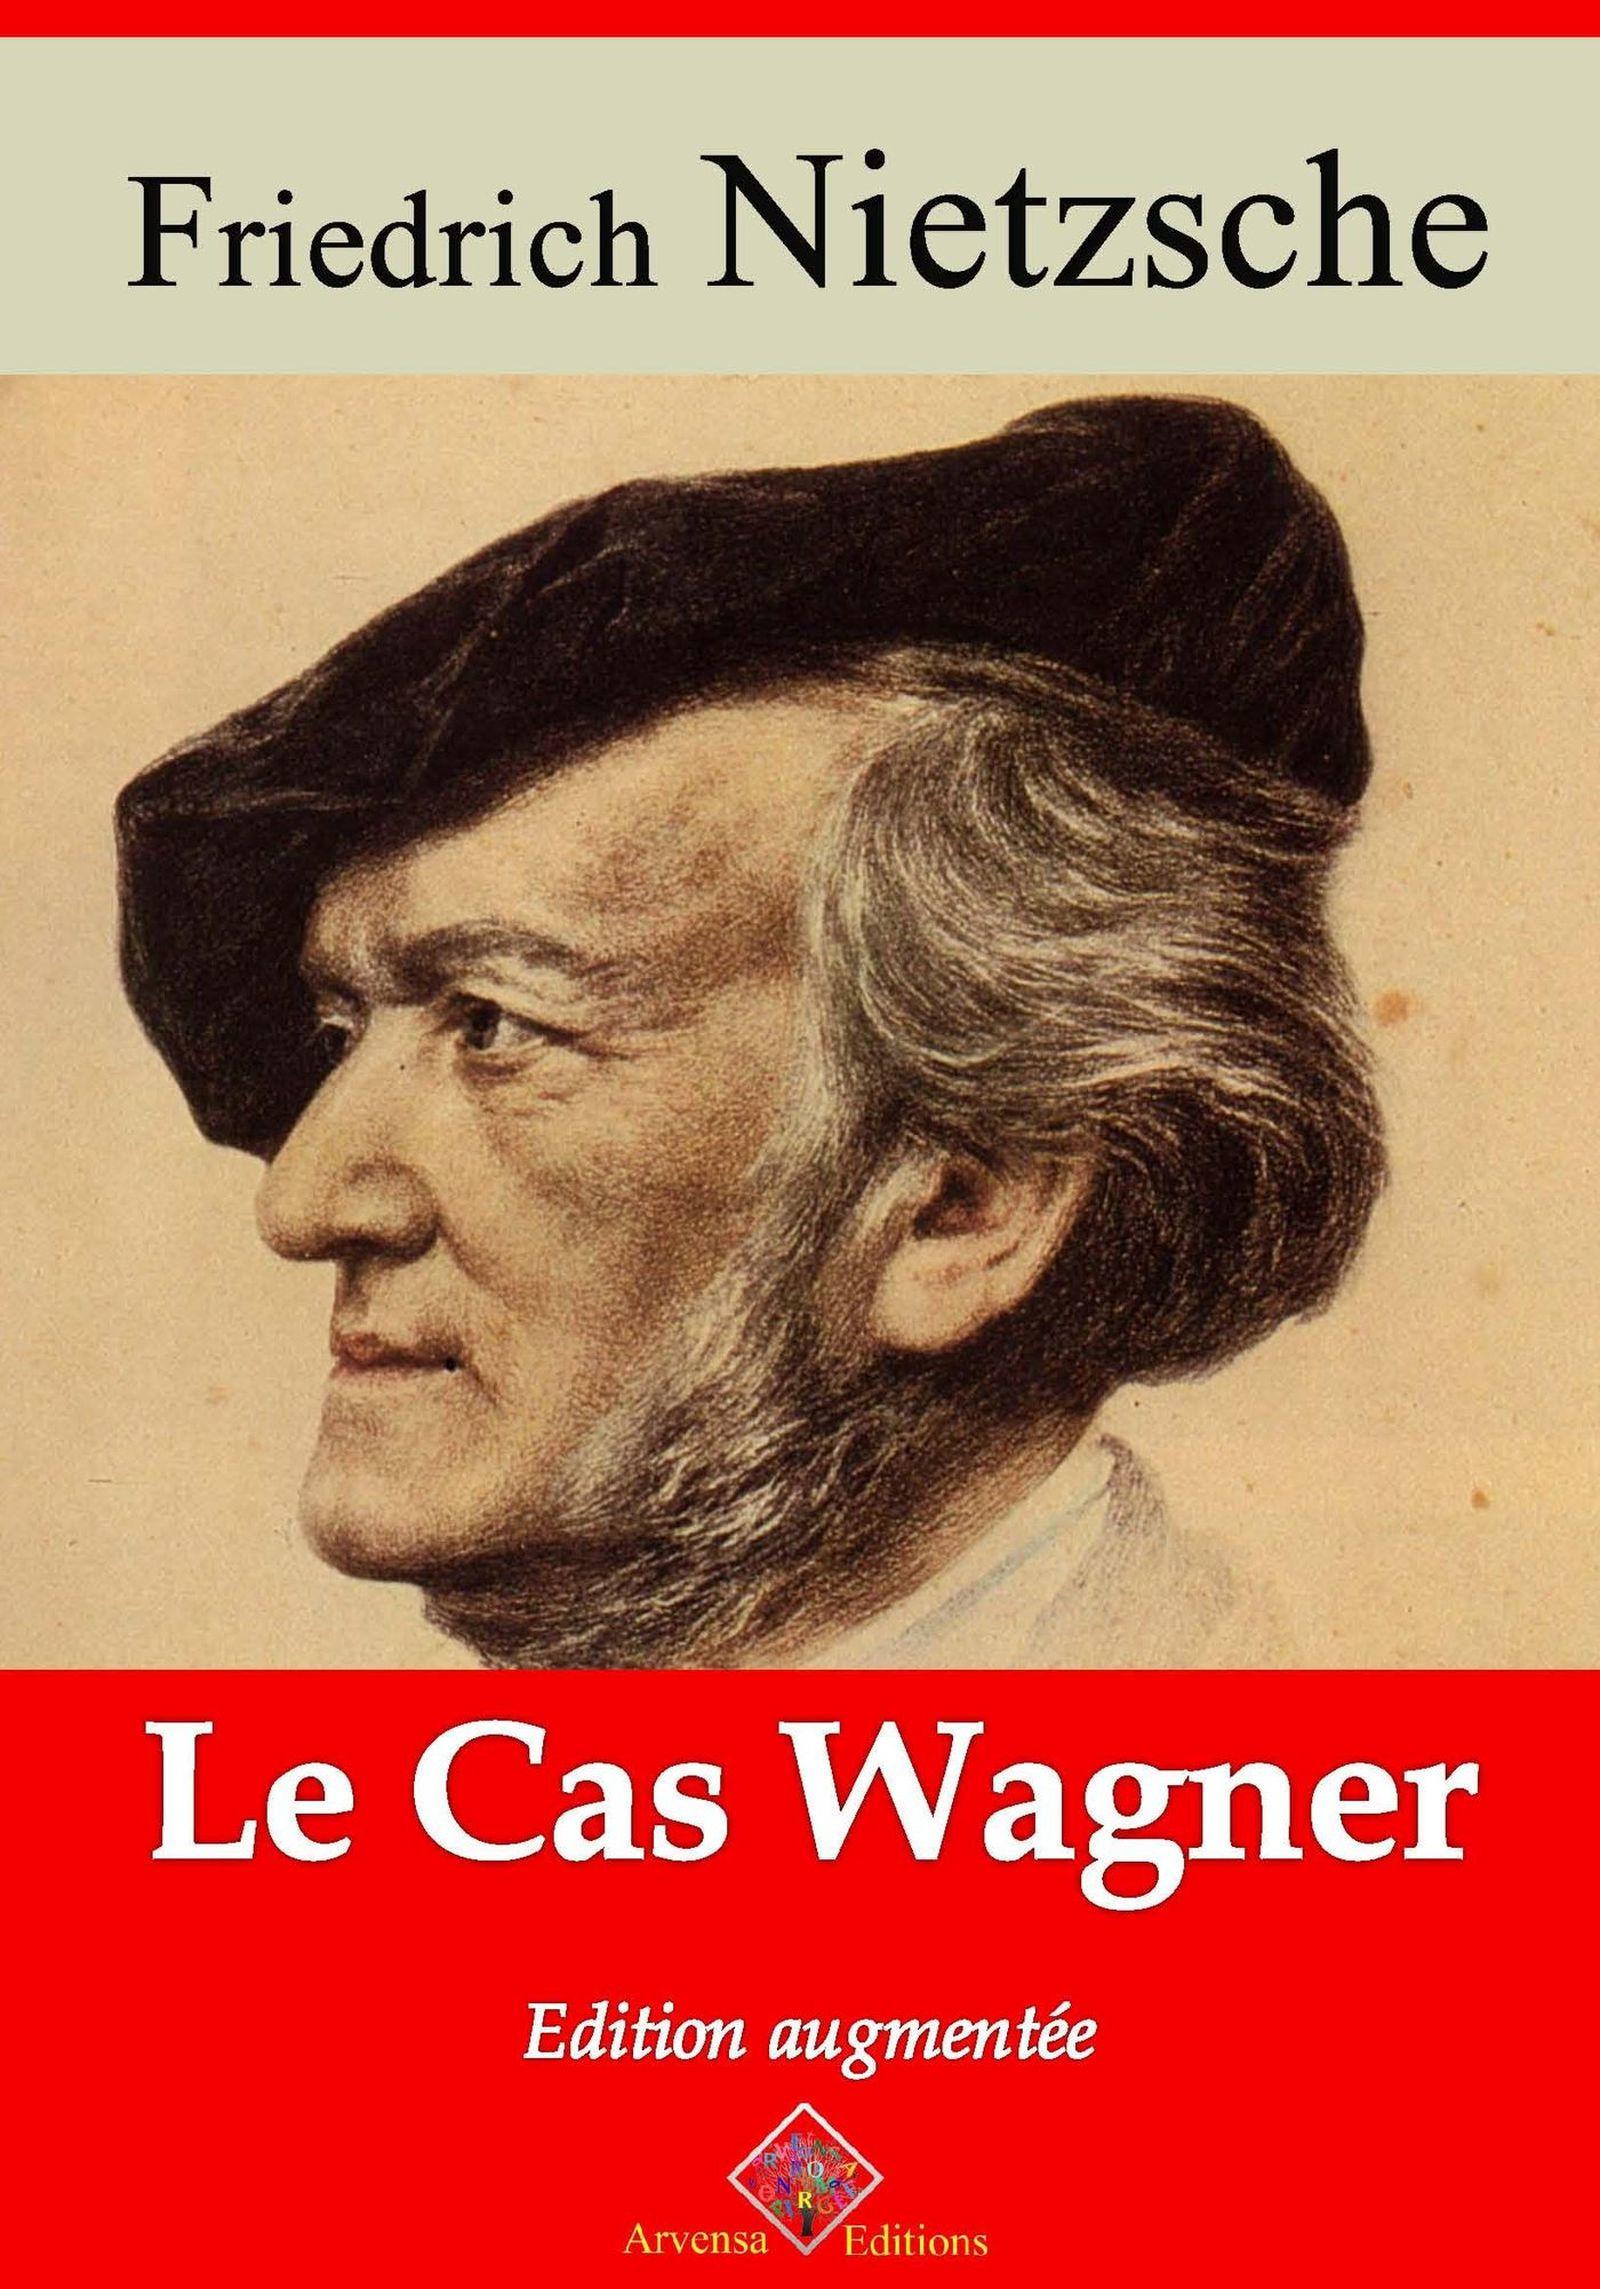 Le Cas Wagner - suivi d'annexes